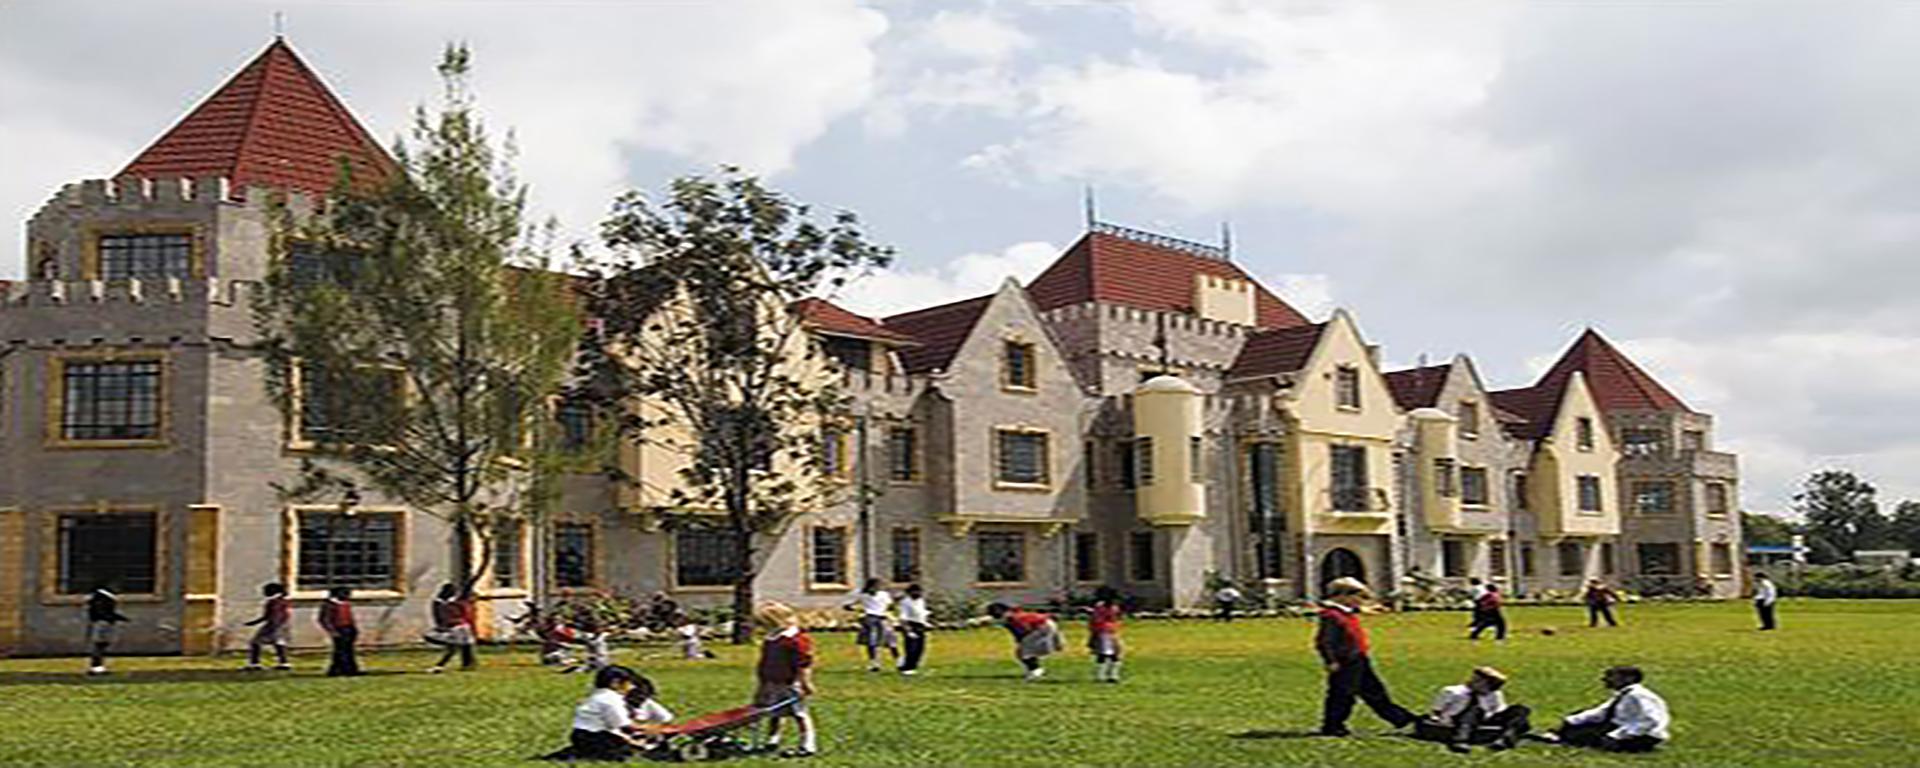 Brookhouse School, Kenya Edit